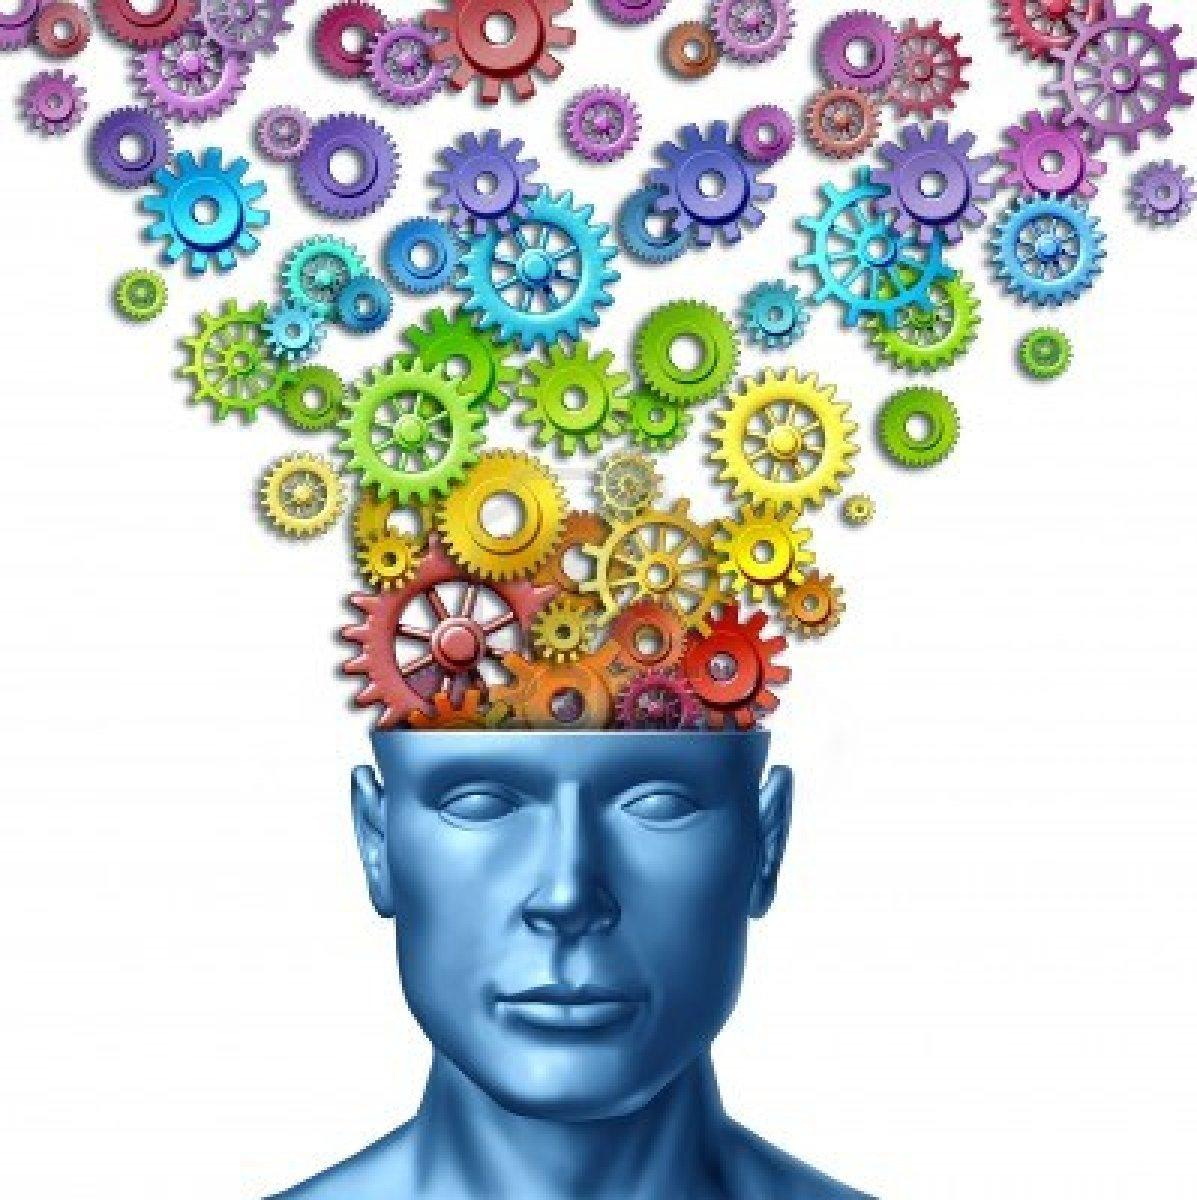 Imagination image